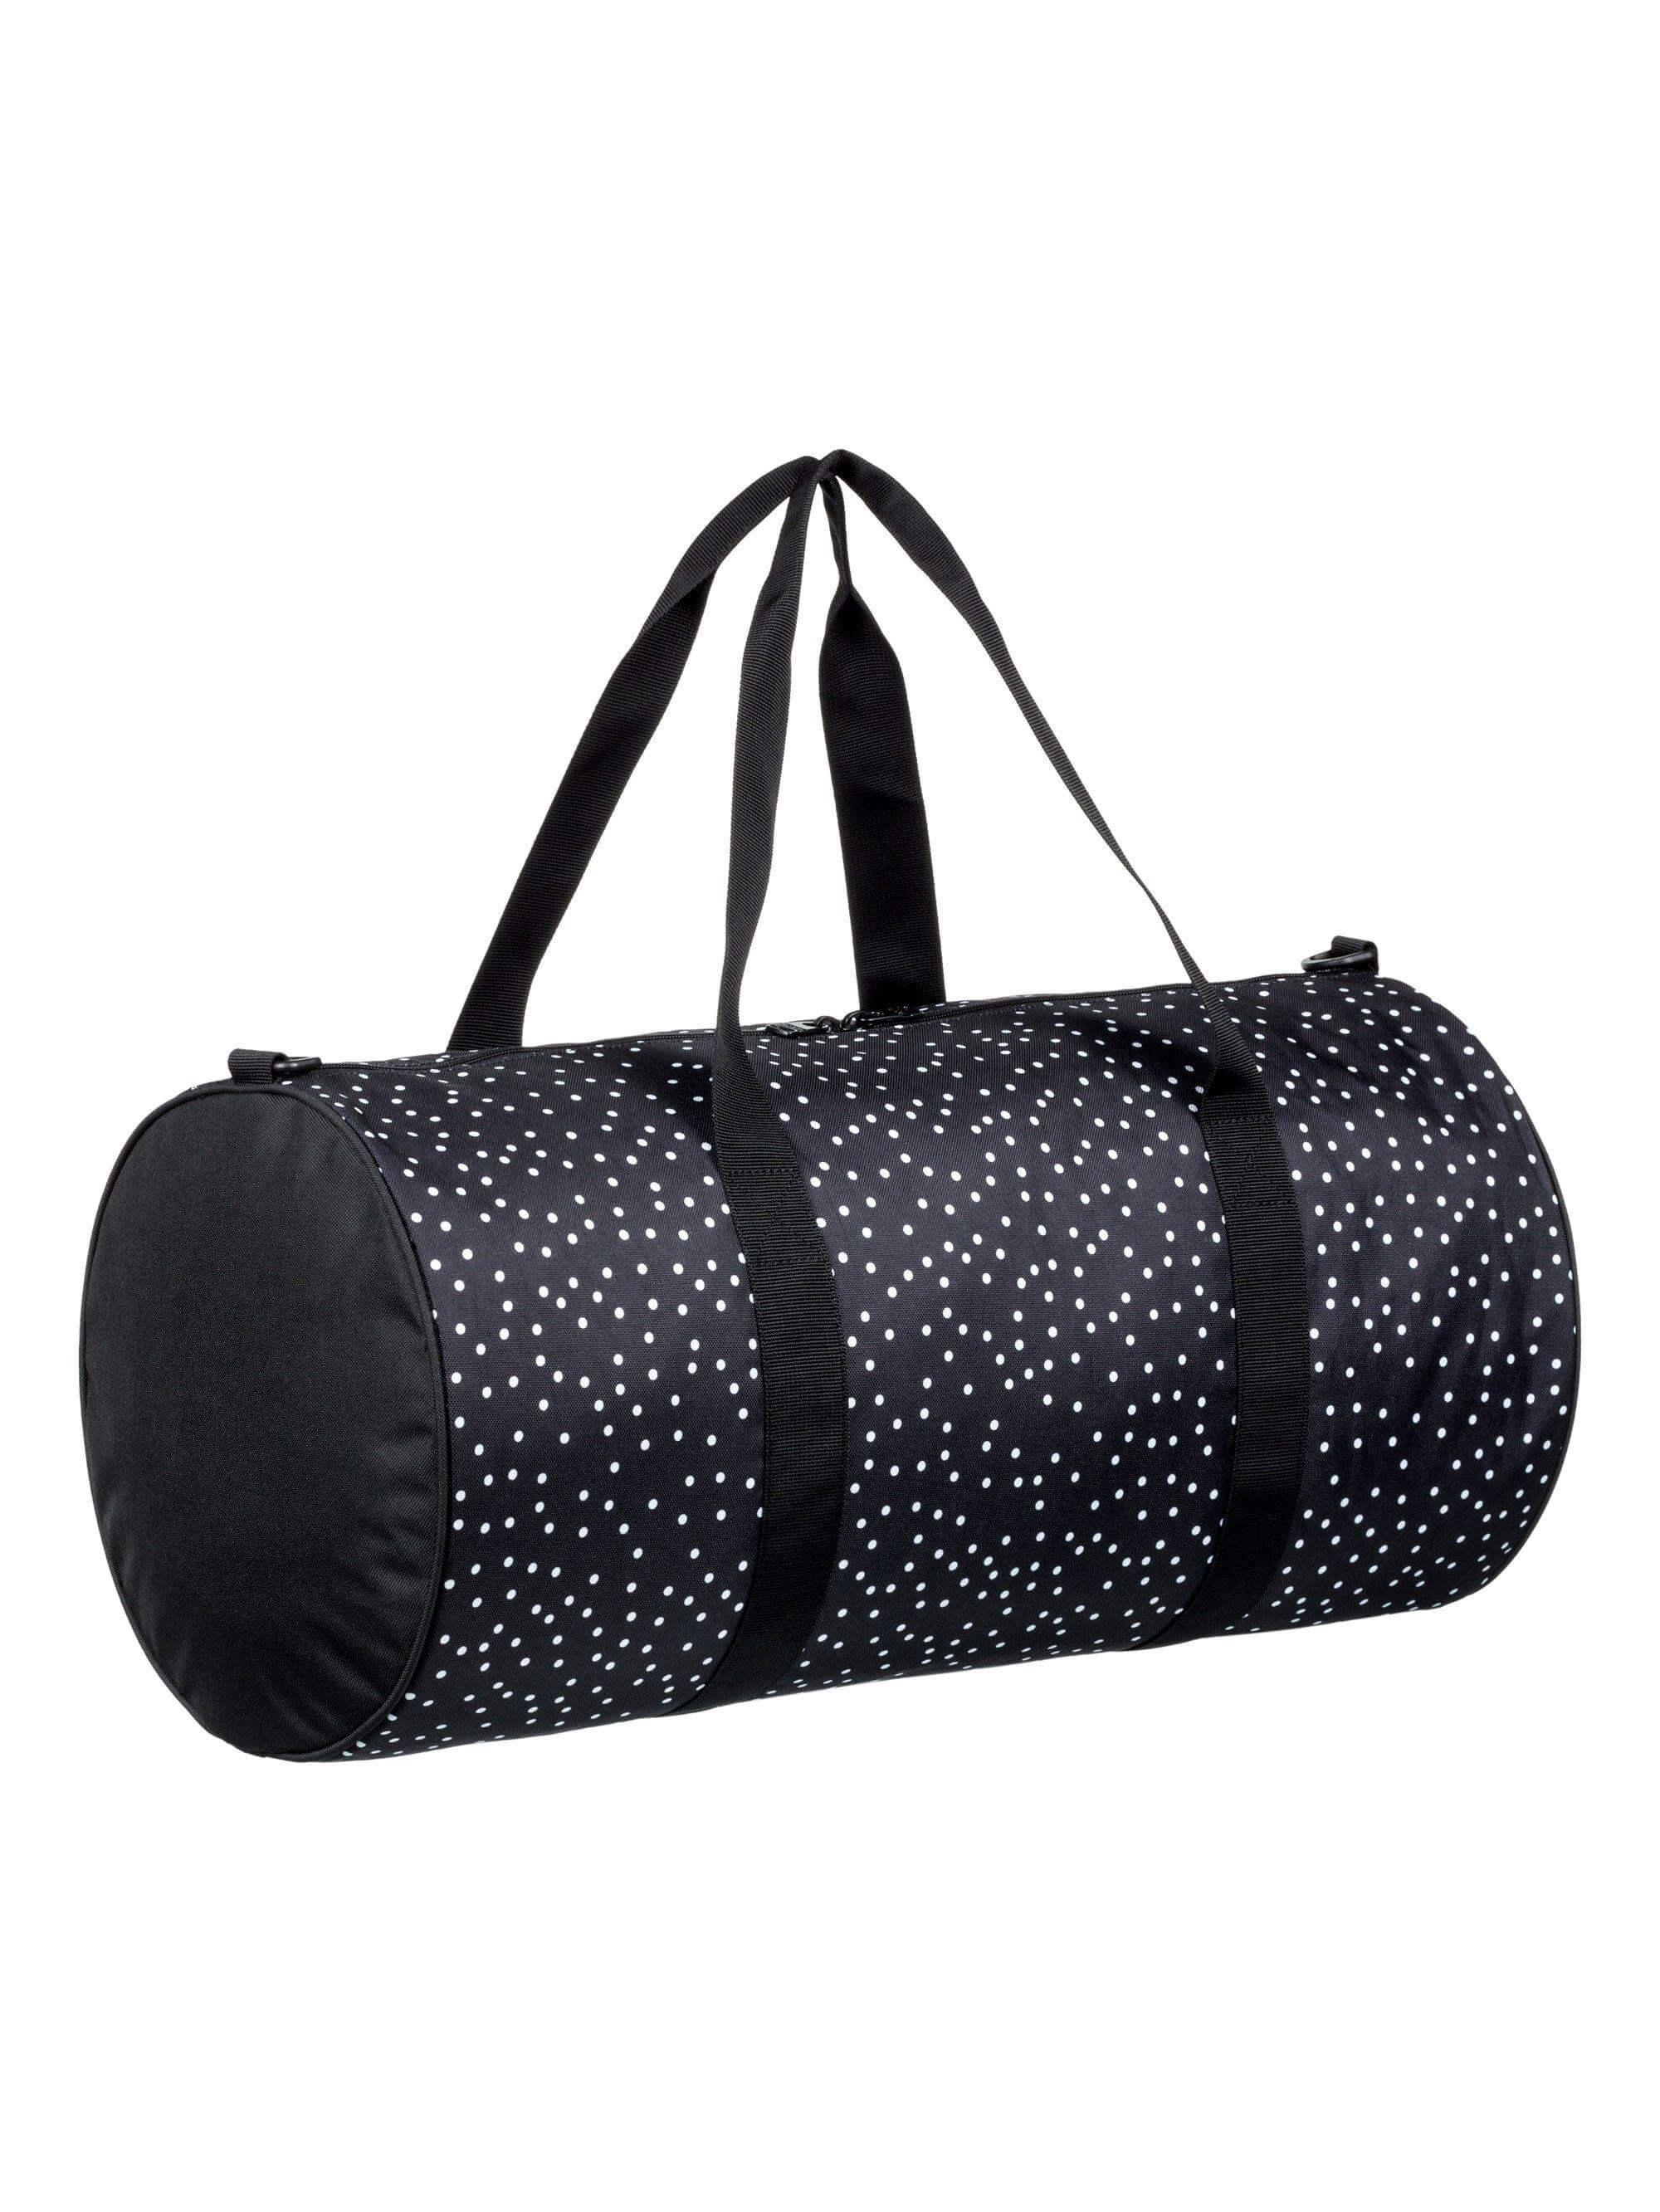 5d7587020 Roxy Cestovná taška Kind Of Way True Black Dots For Days ...